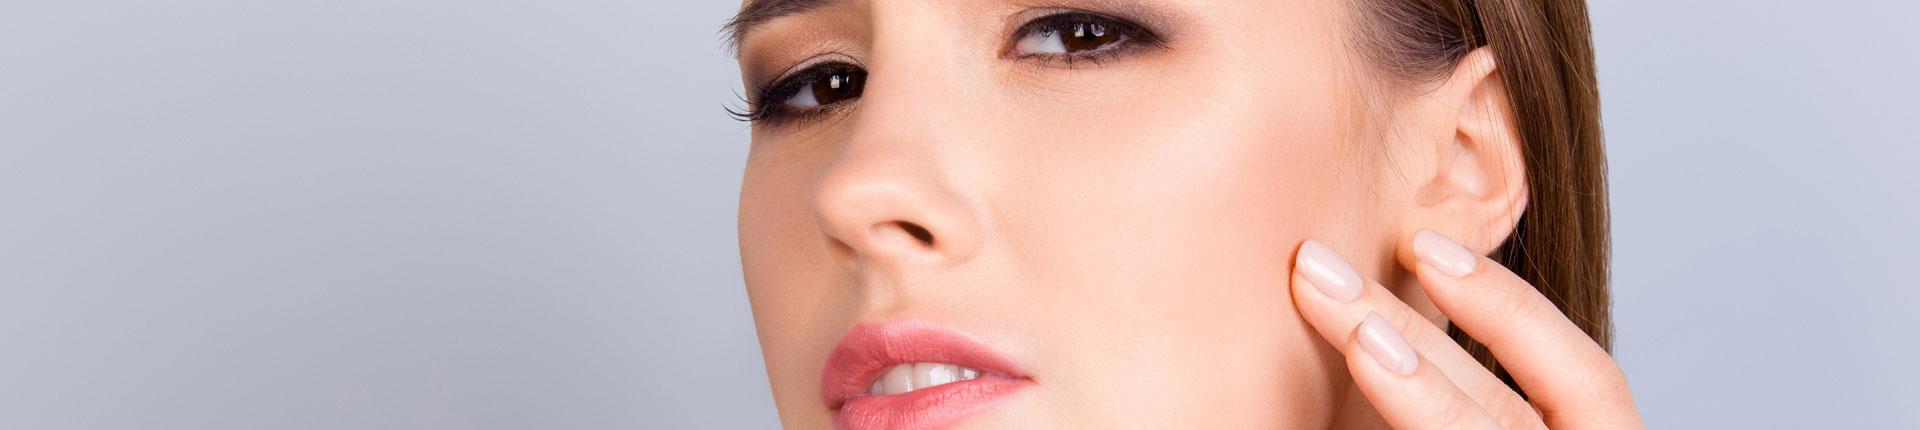 Co wpływa na jędrność skóry? Dlaczego skóra przestaje być jędrna?